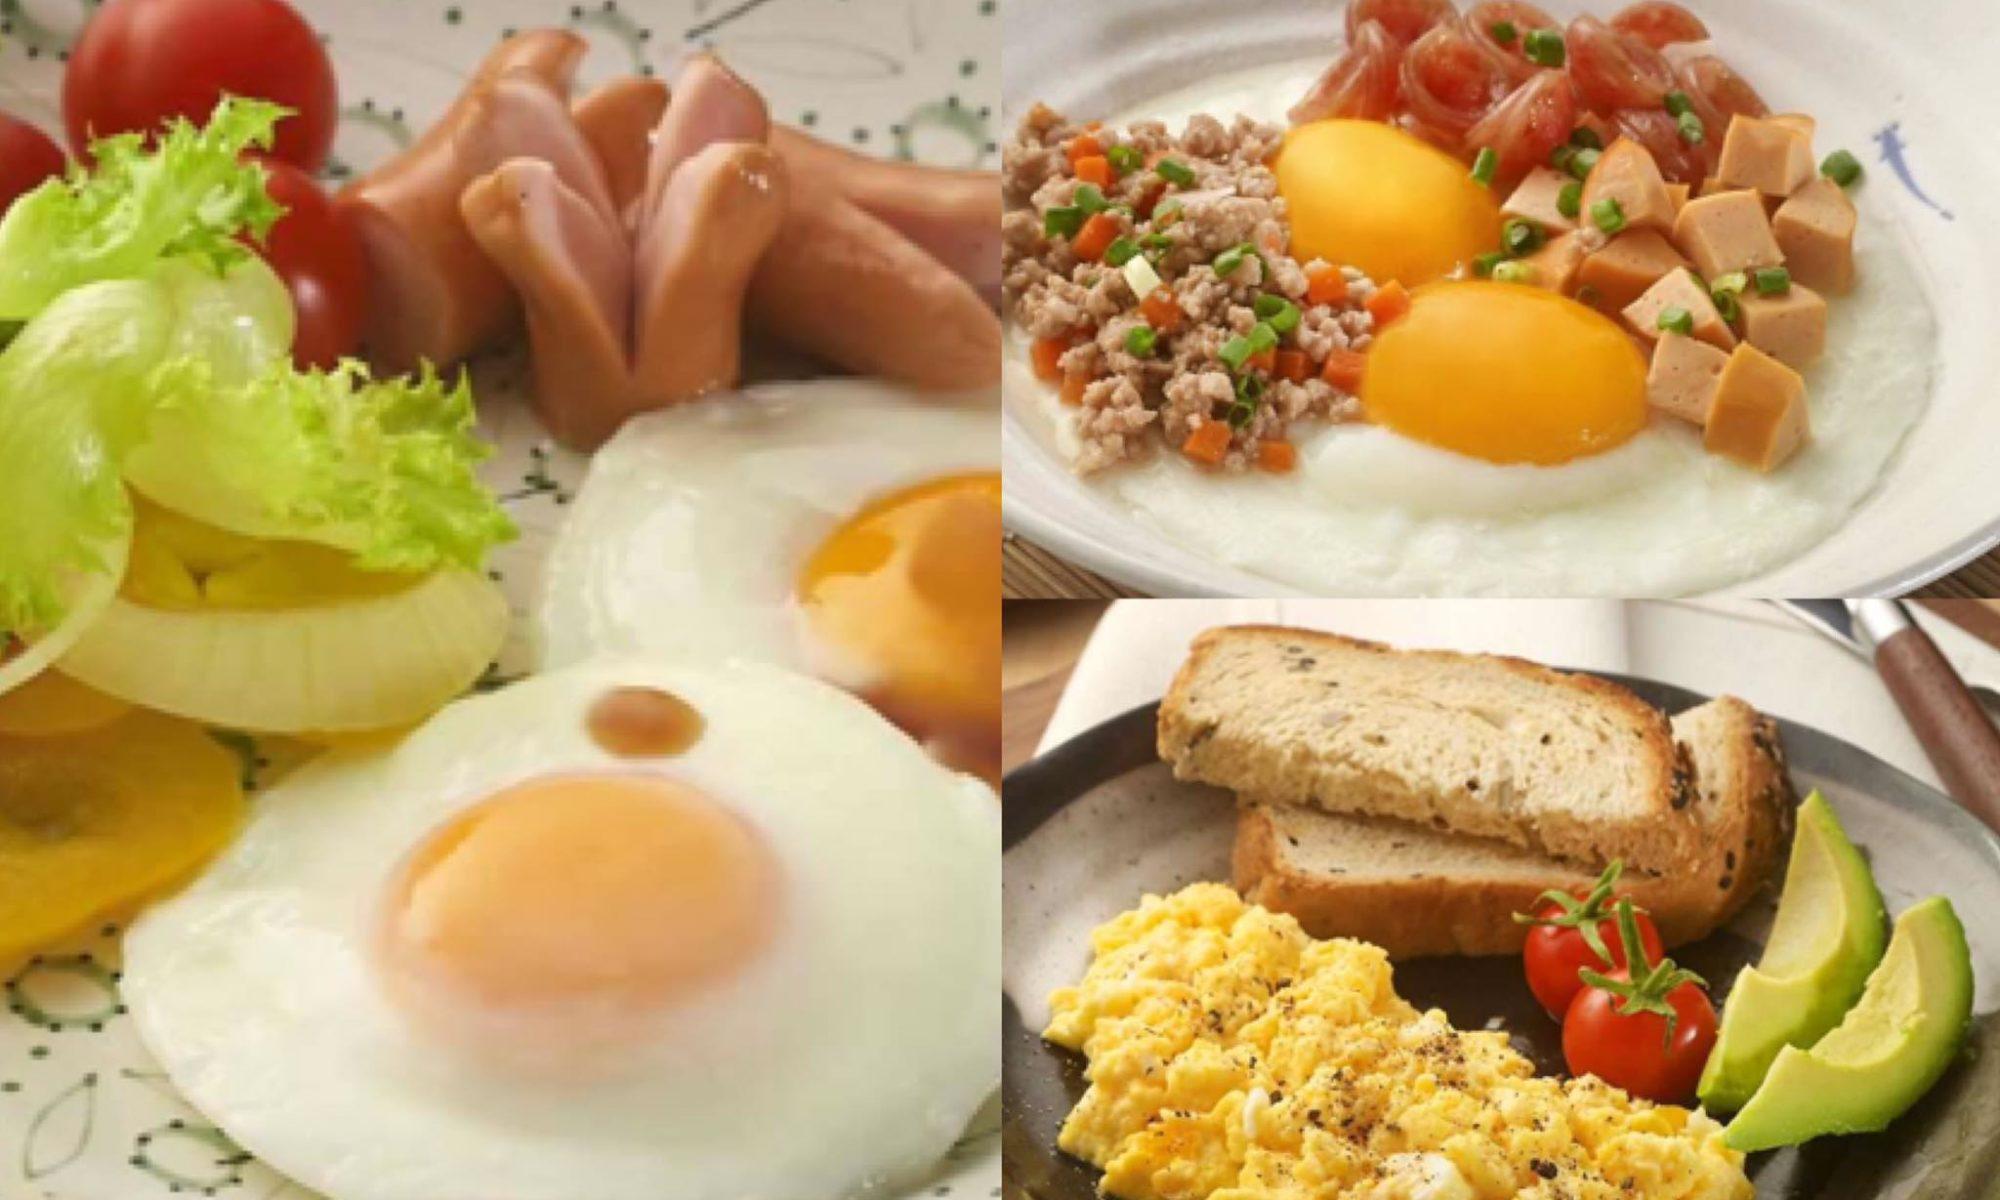 อาหารเช้าแสนพิเศษ ที่น่ารับประทาน